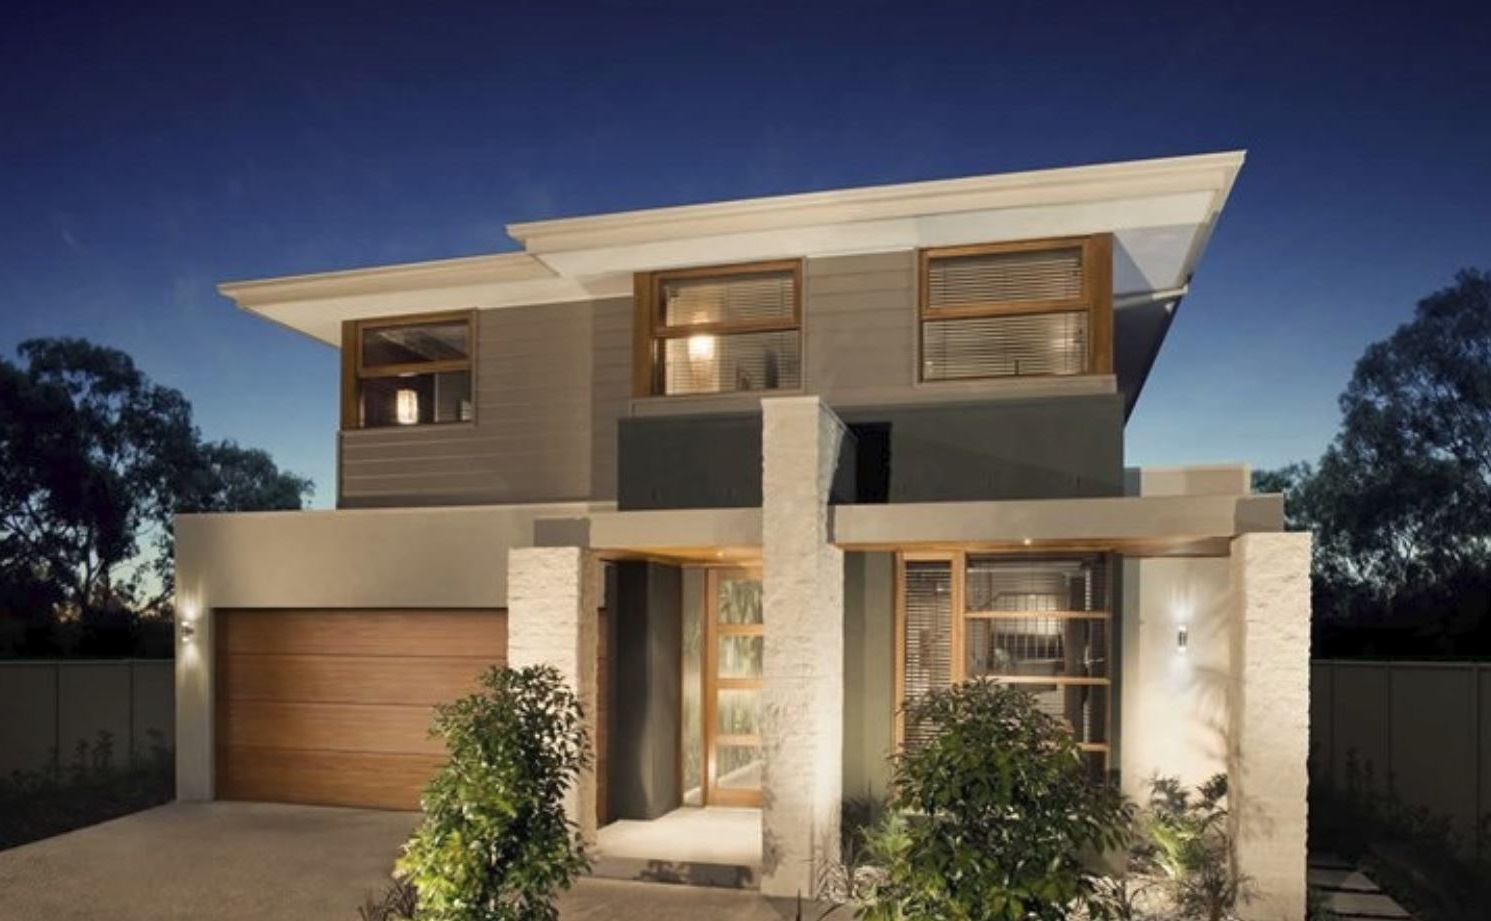 Frentes de casas bonitas for Fachadas de casas modernas 2 pisos